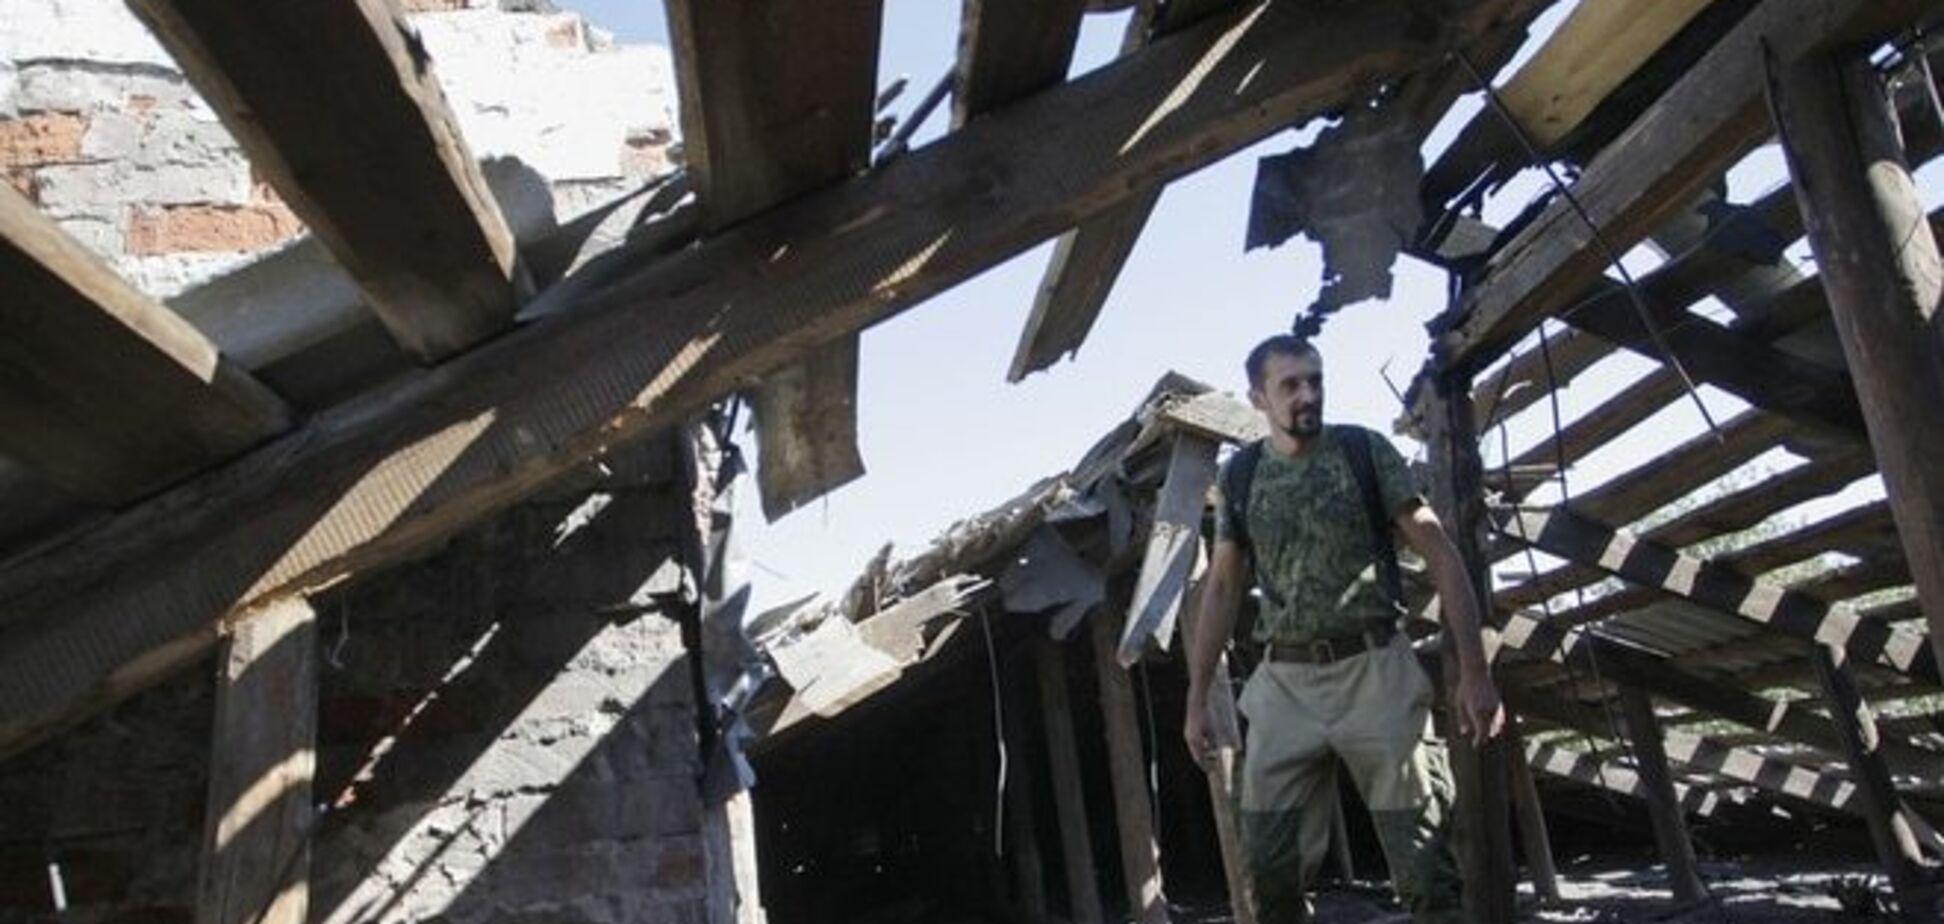 Експерт: на Донбасі розпочалася війна Росії з НАТО